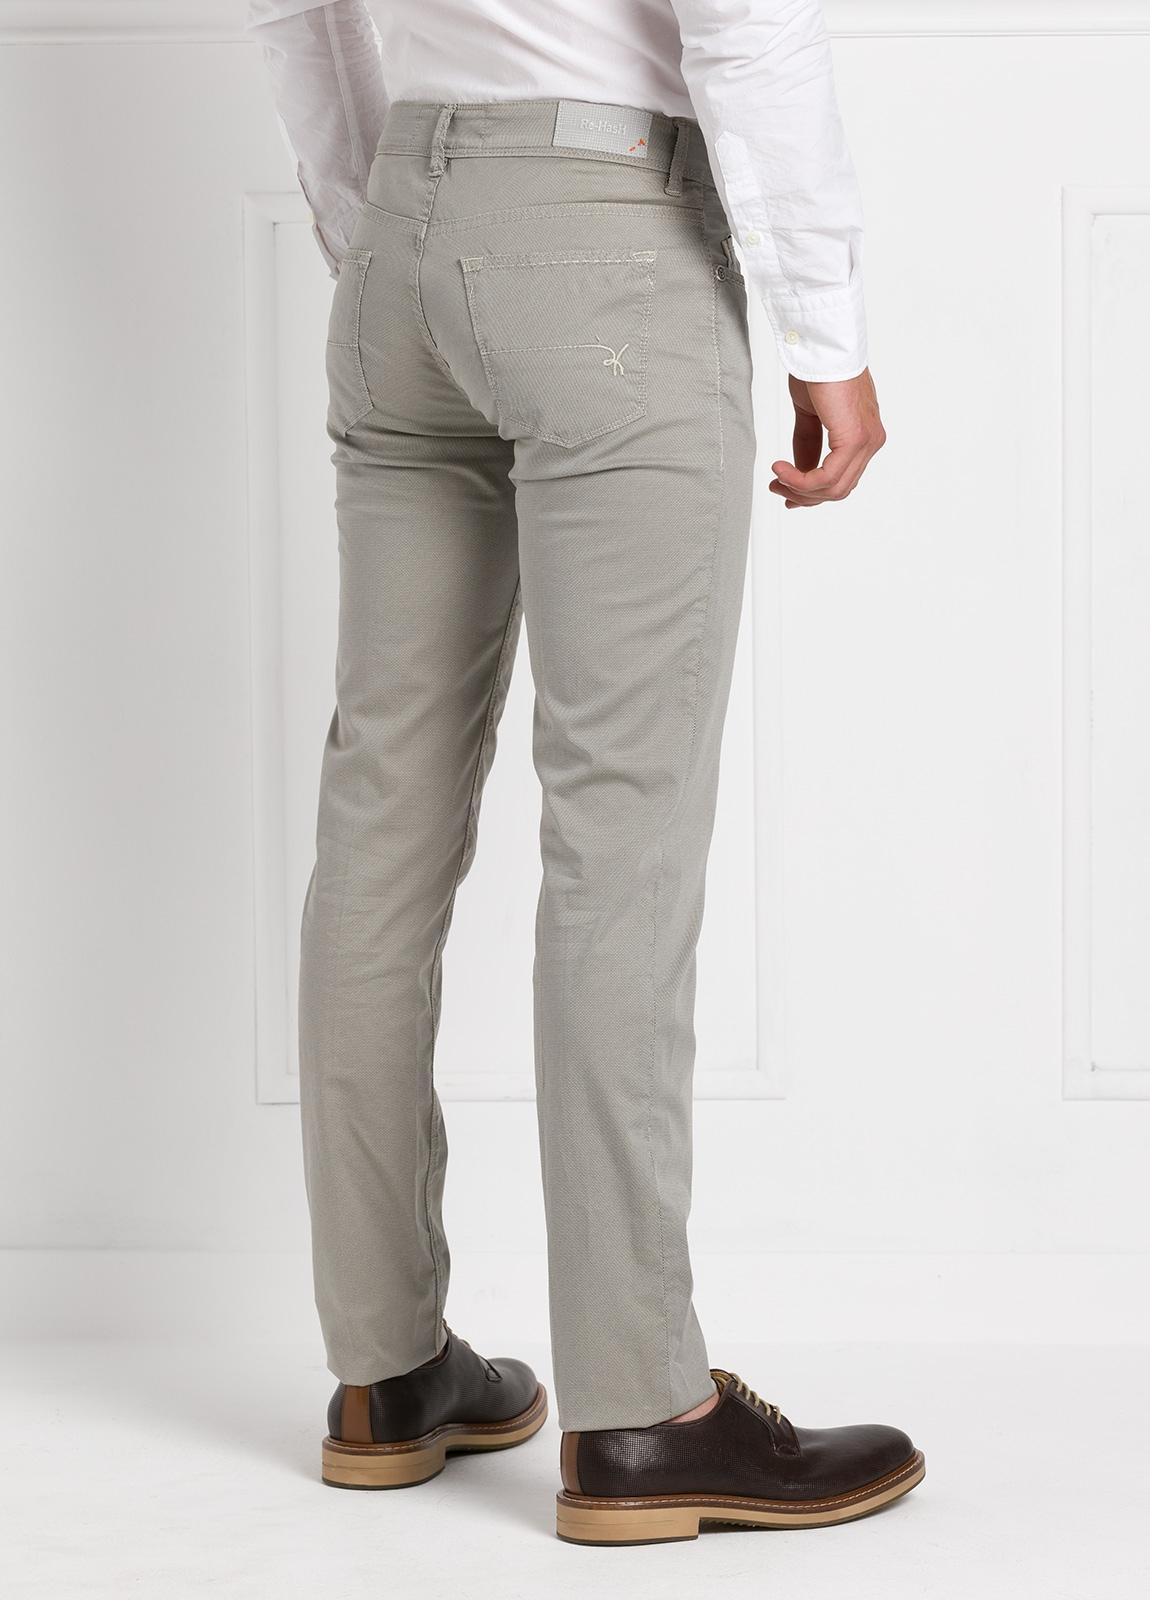 Pantalón sport slim fit modelo RUBENS Z color piedra. Algodón - Ítem2